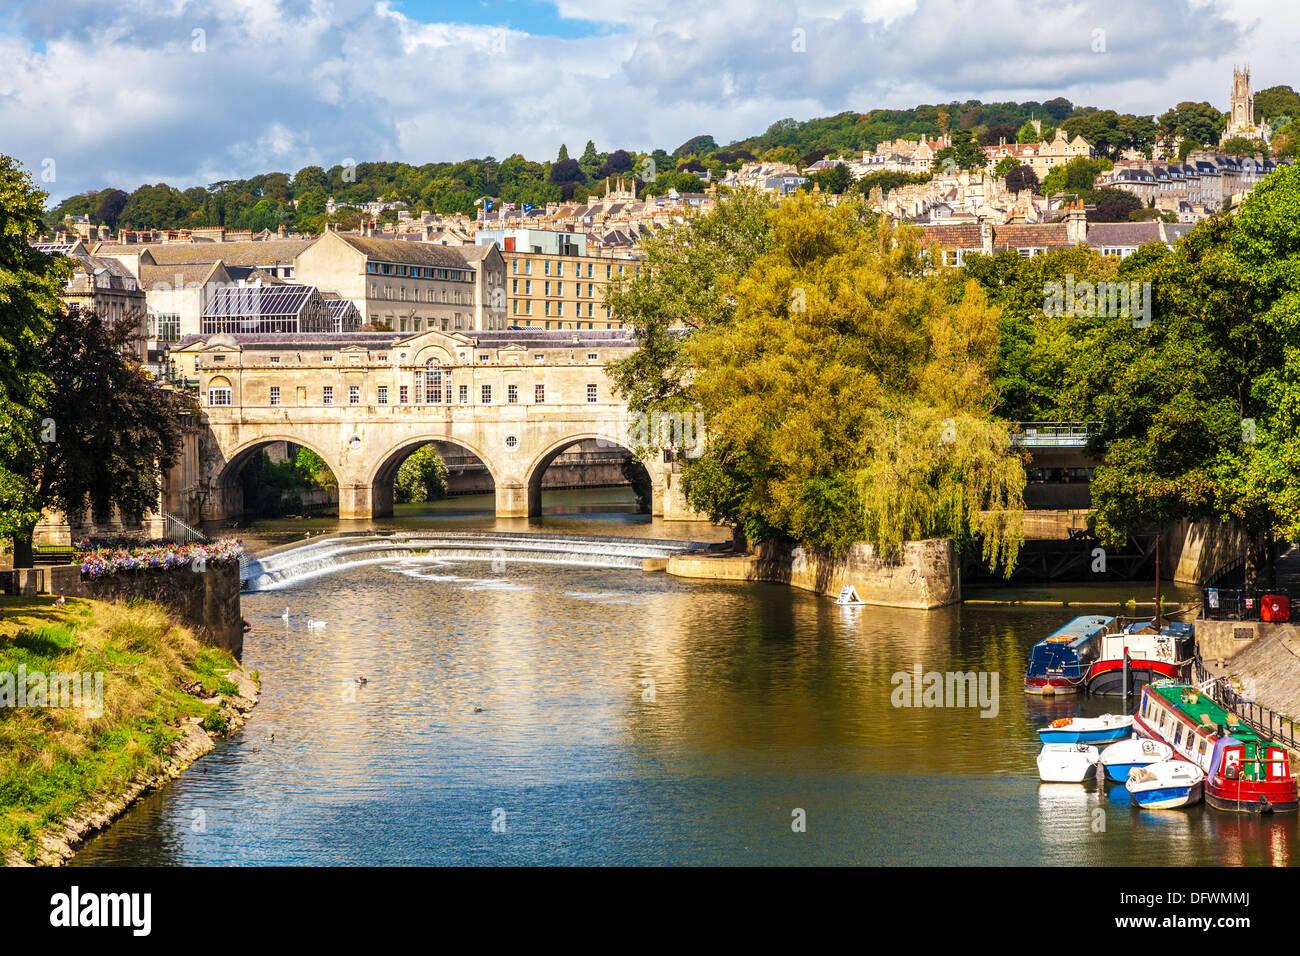 Blick auf die Palladian Pulteney Brücke und Wehr in die Weltkulturerbe-Stadt Bath in Somerset, Großbritannien. Stockbild